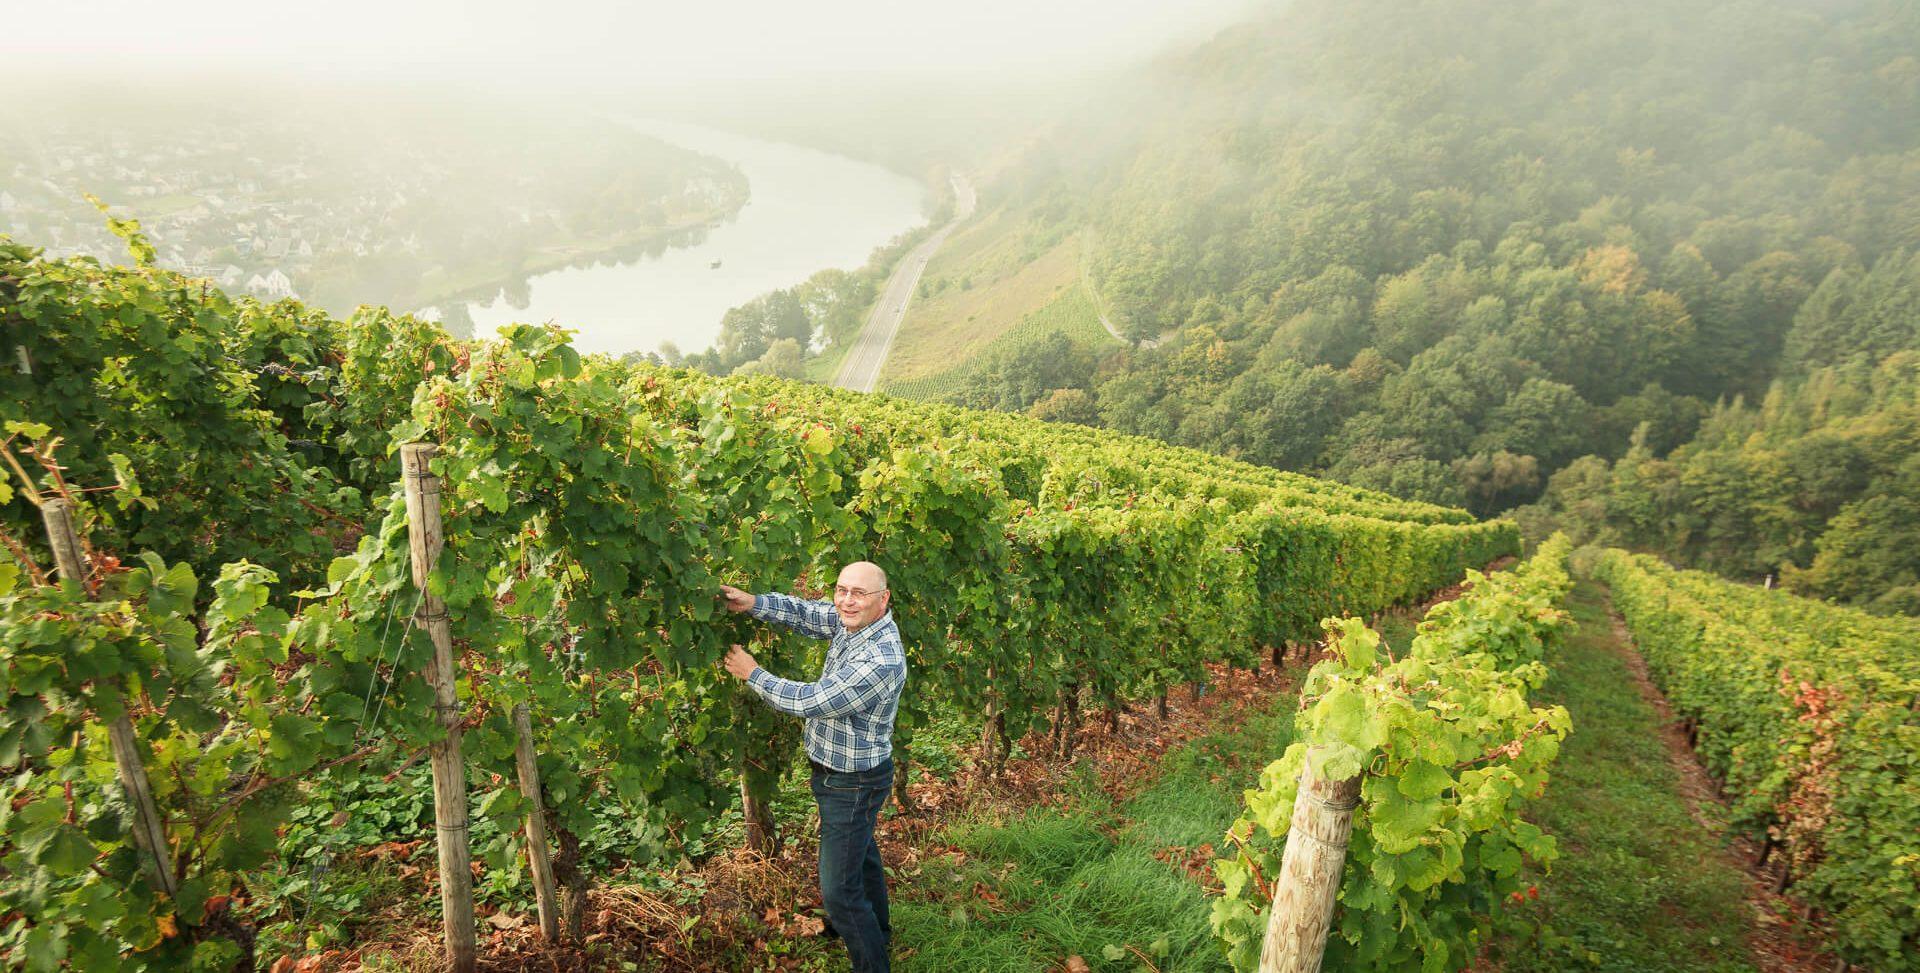 Winzer im Steilhang mit Moseltal im Hintergrund; Arbeit im Weinberg, Riesling Reben an der Mosel